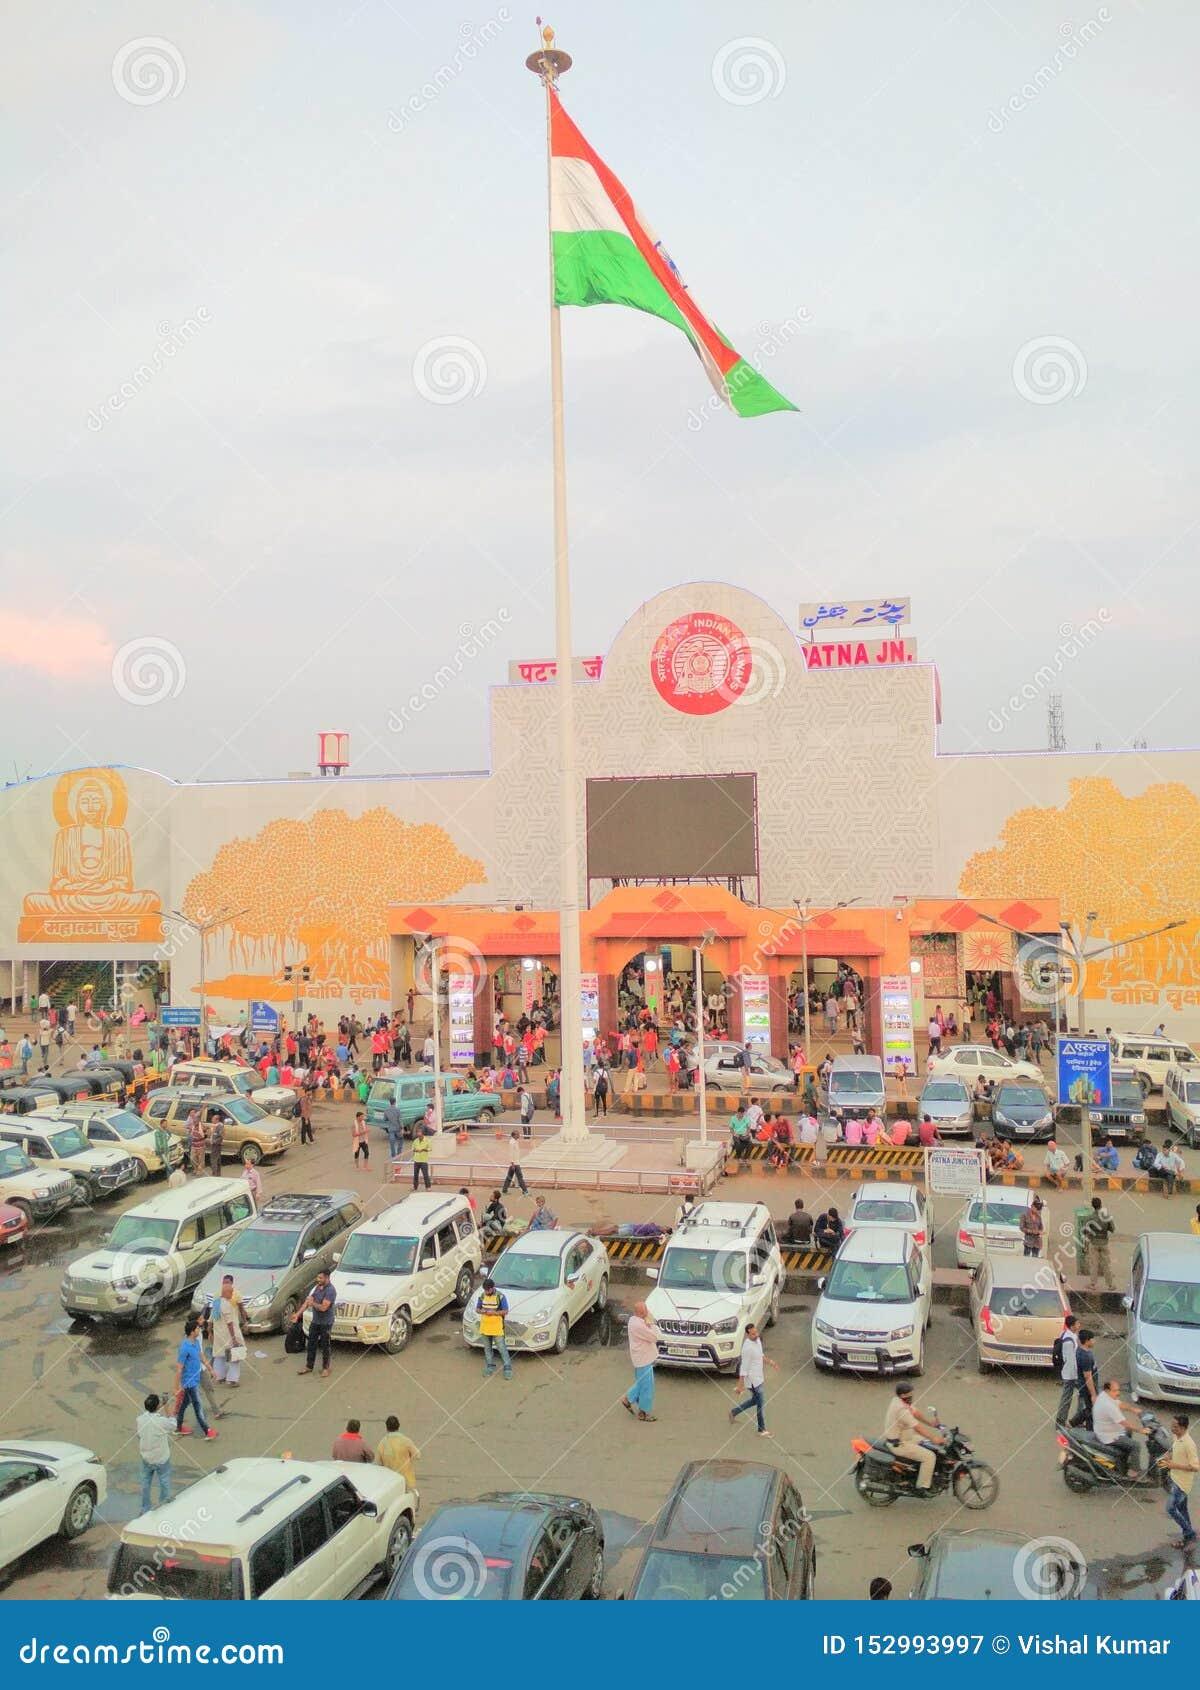 Los vehículos indios de la bandera del ferrocarril del empalme de Patna aprietan